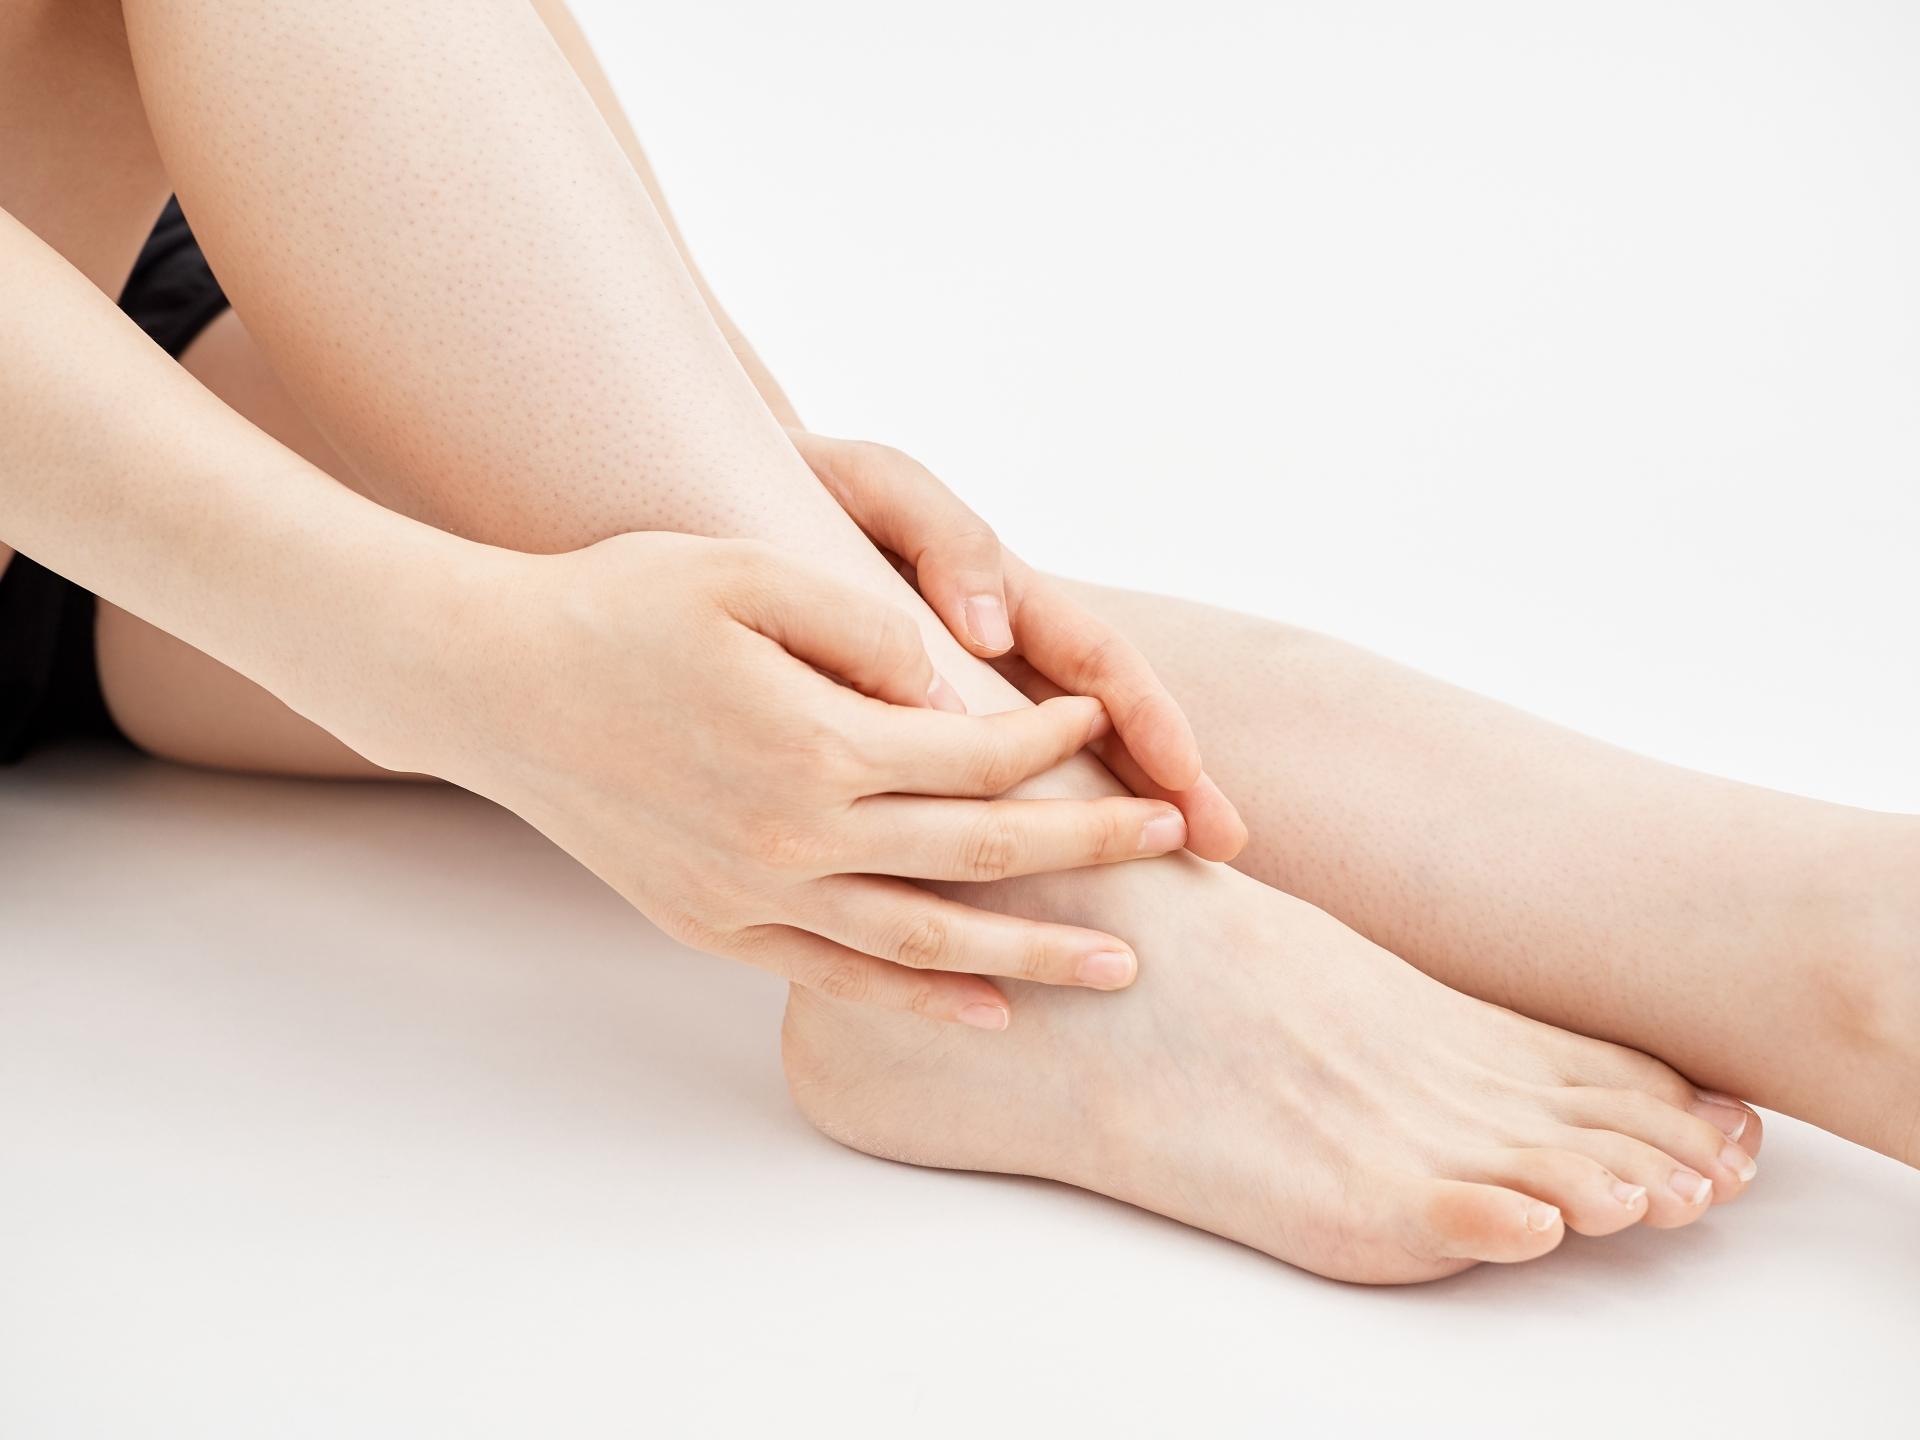 白背景で痛い足の関節を押さえる女性